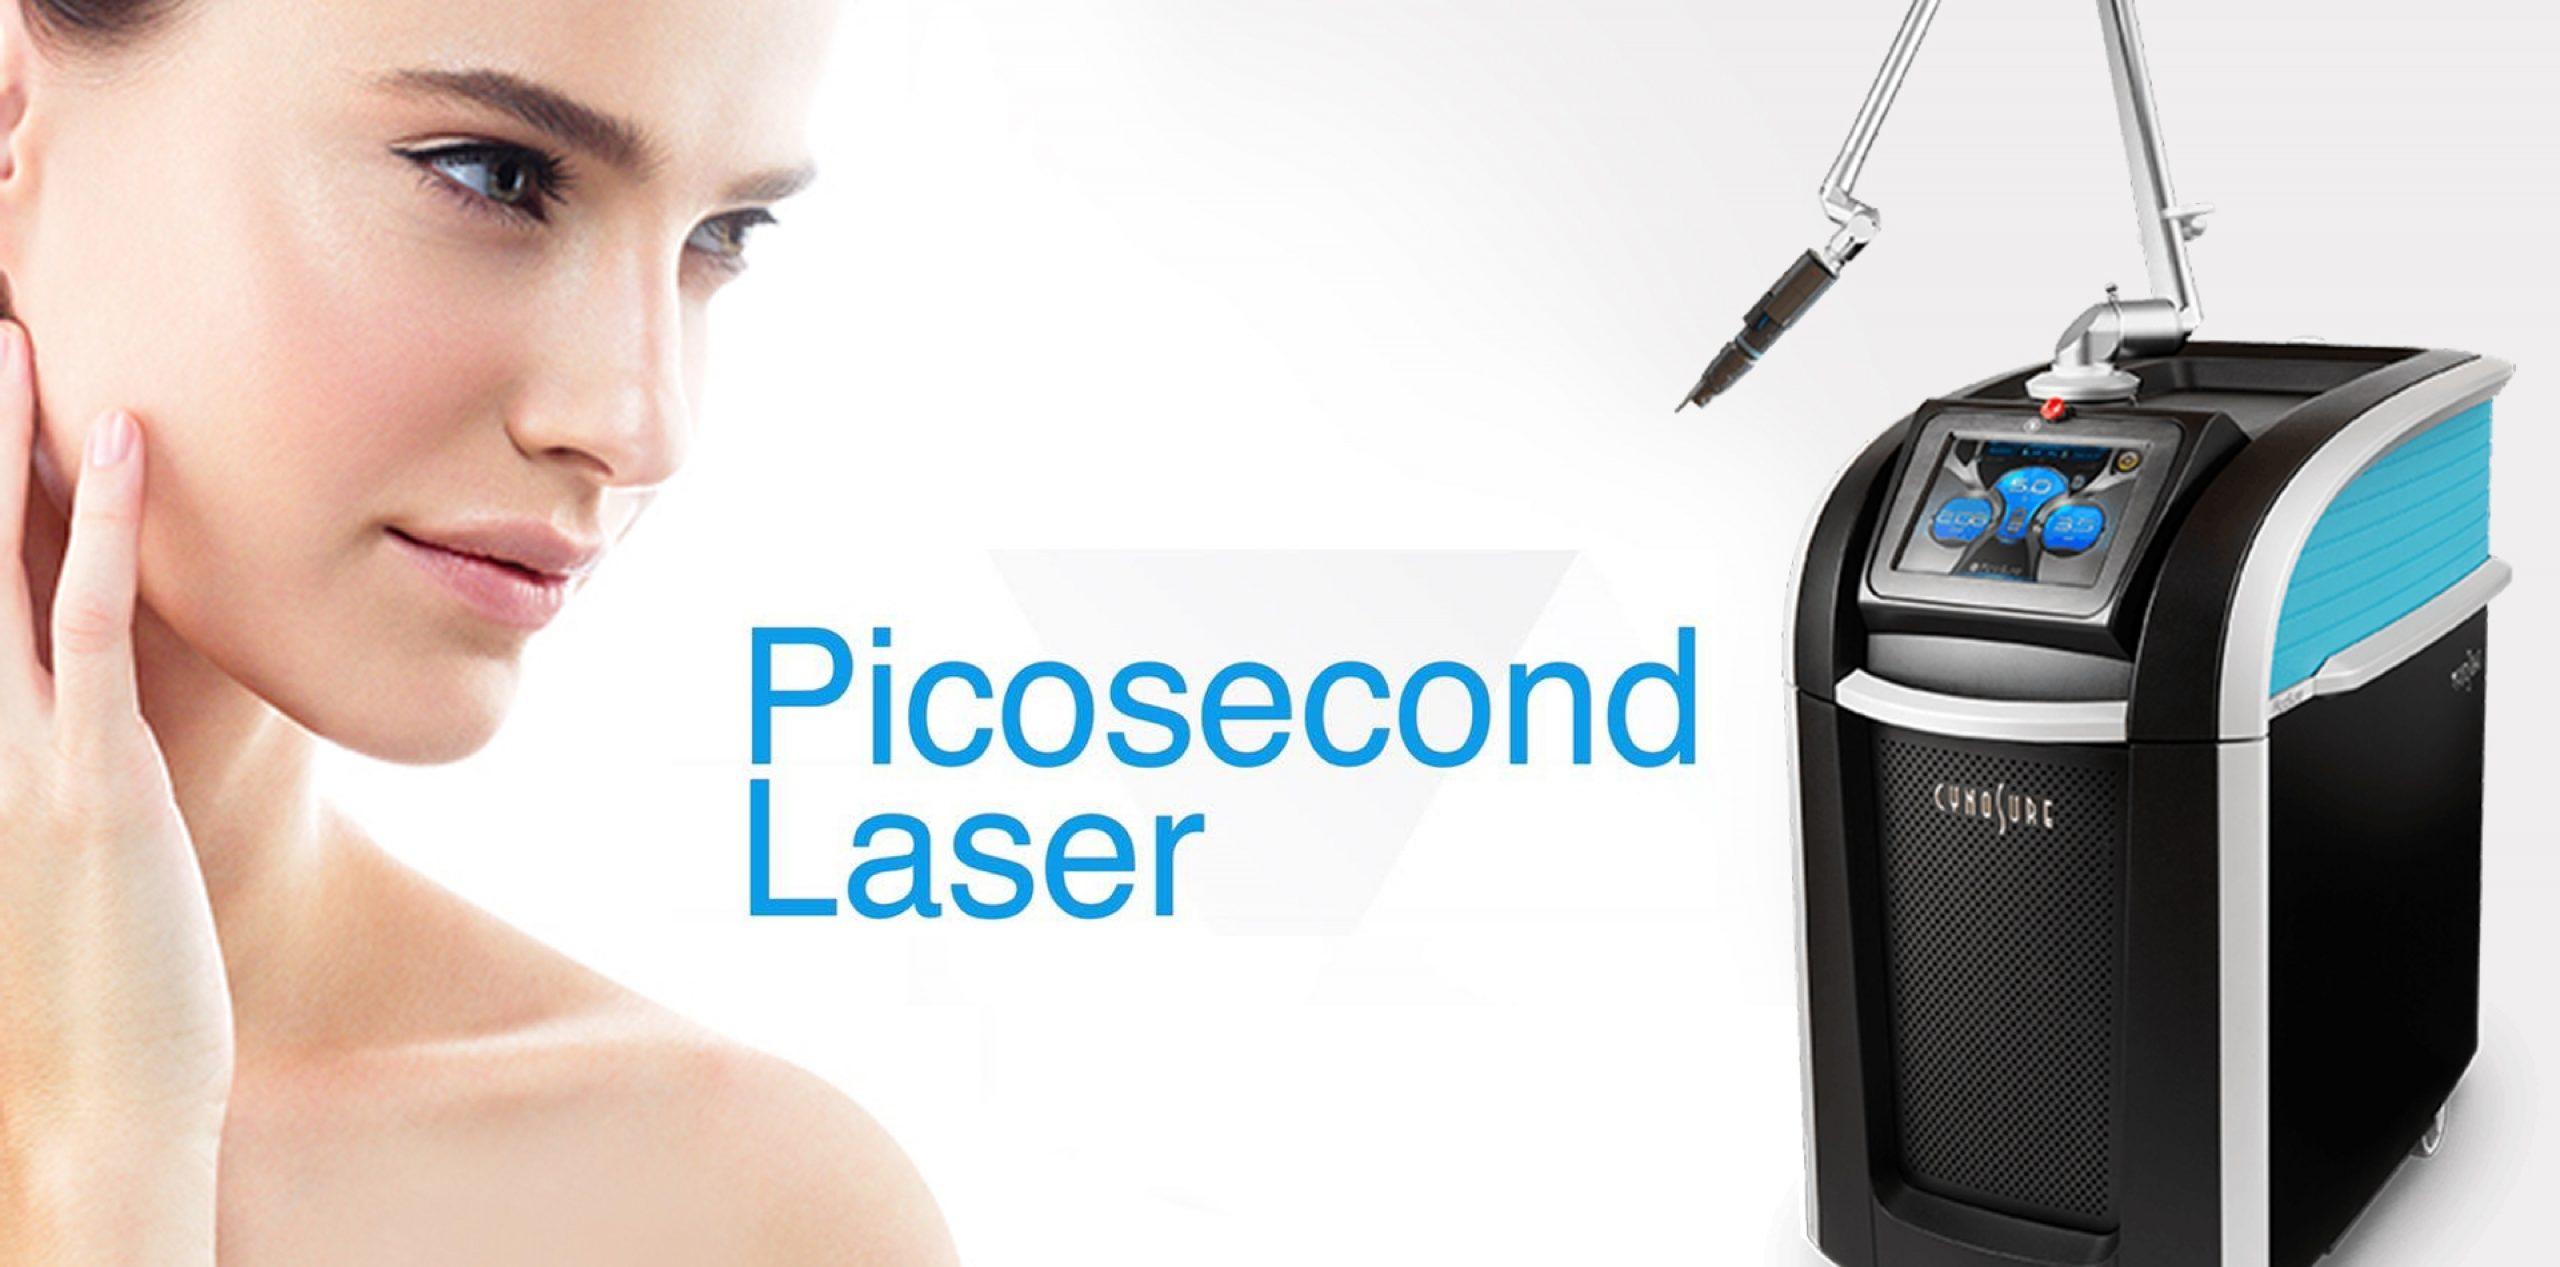 Picosecond Laser ลบรอยสักหลากสี